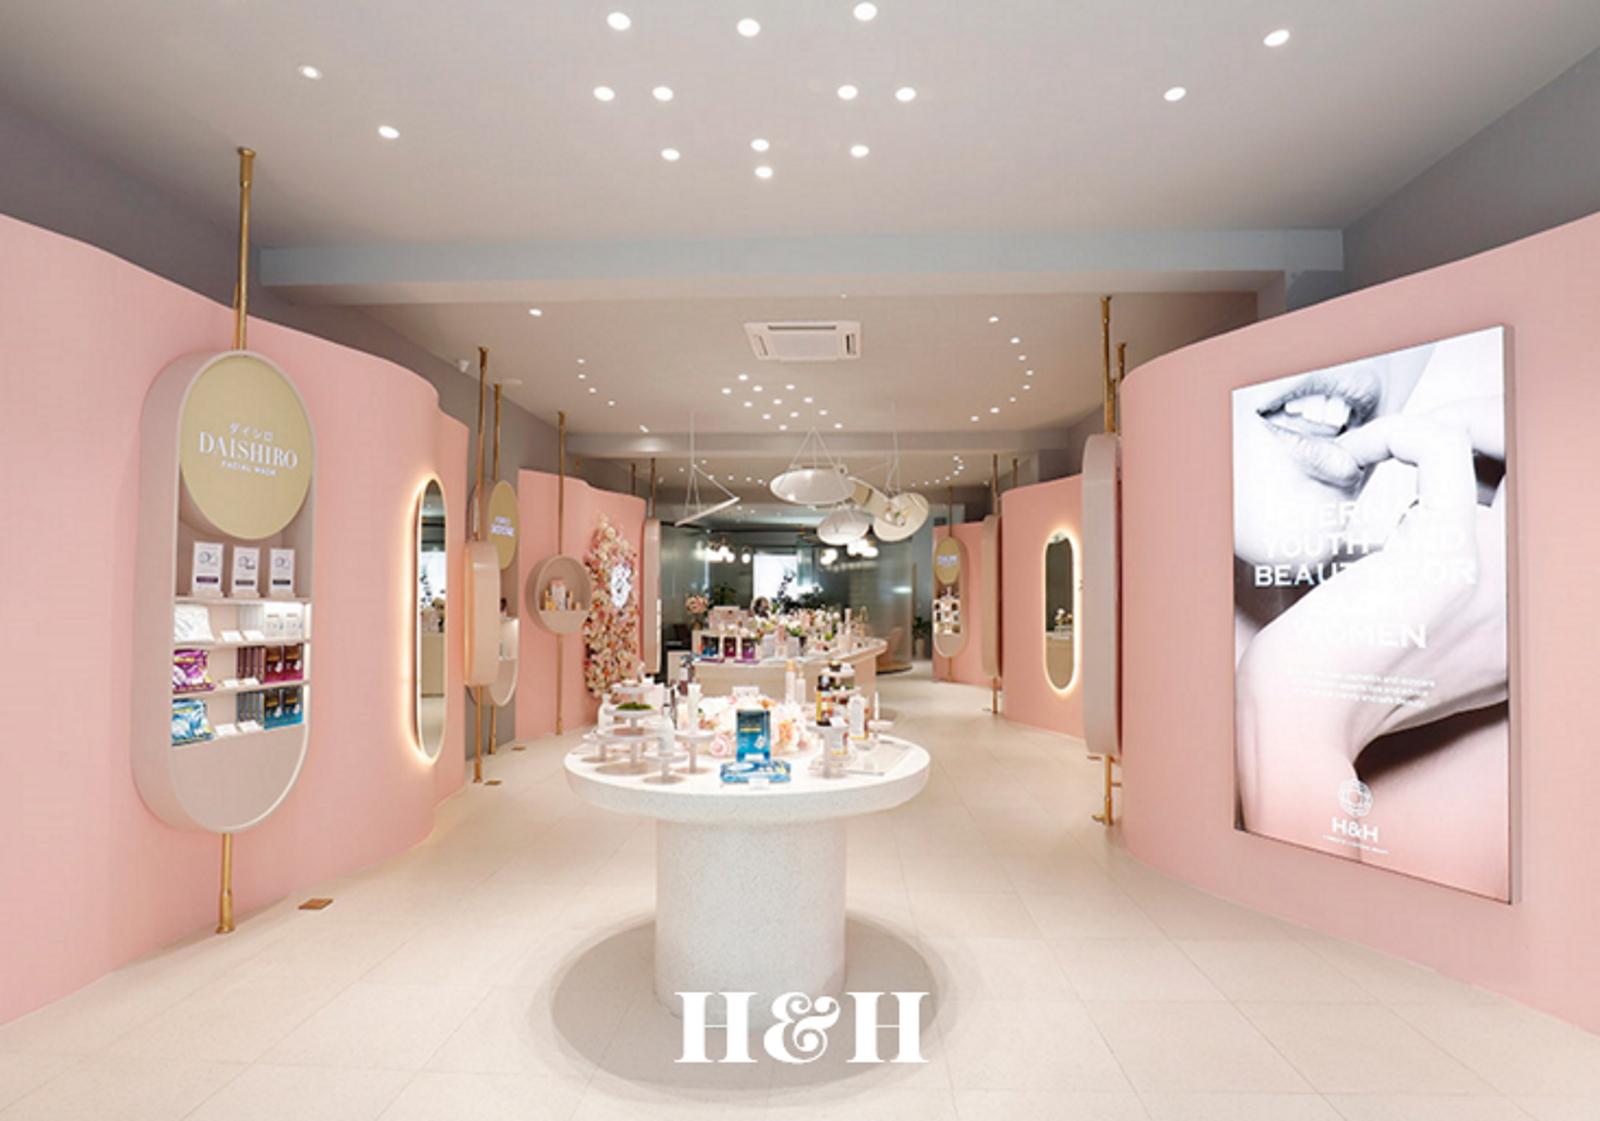 H&H retail tour beauté missions mmm 0